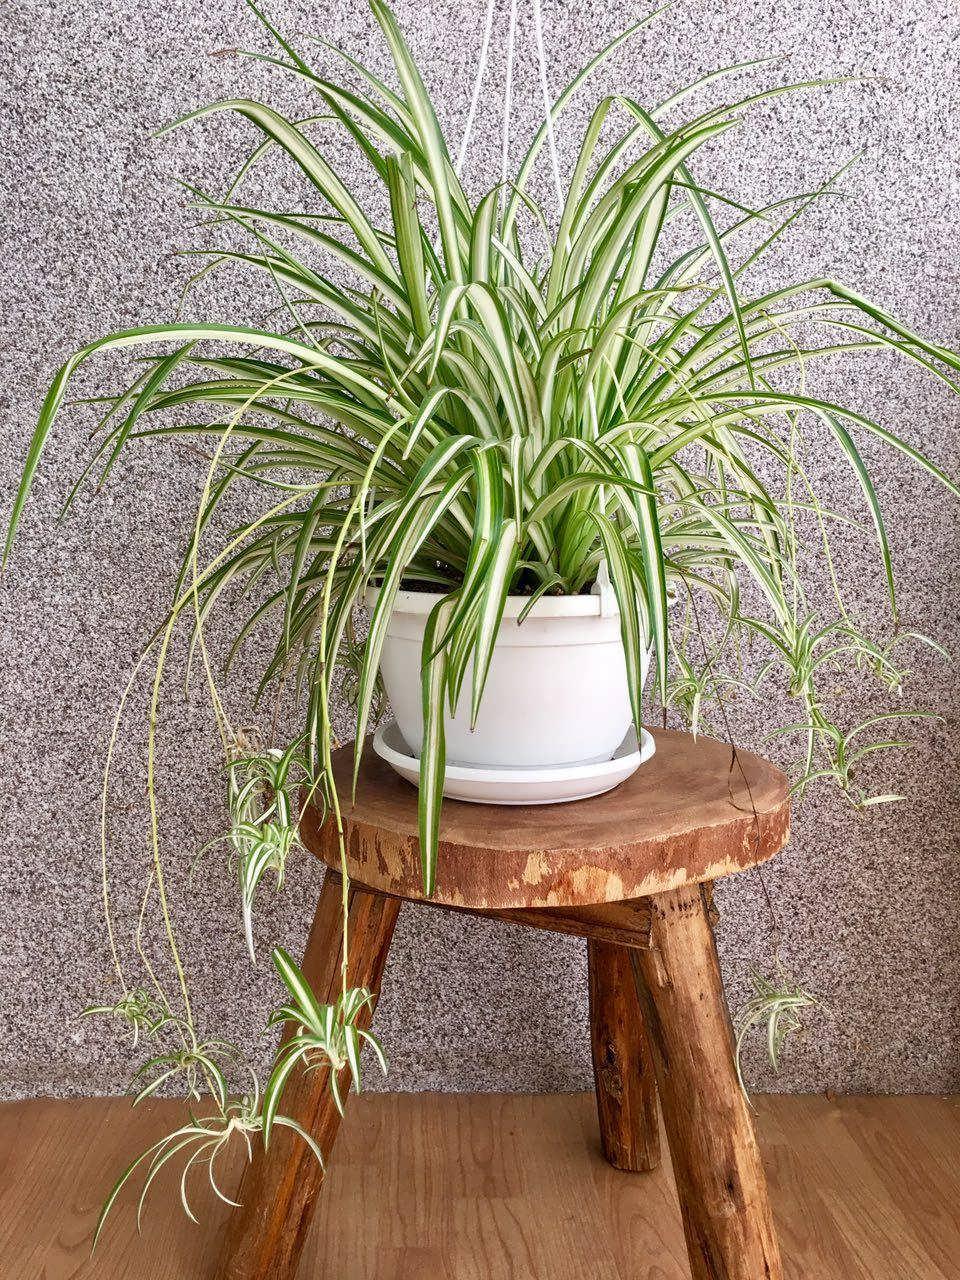 ۱۰ گیاه گلخانهای که هوای محیط را تصویه میکنند